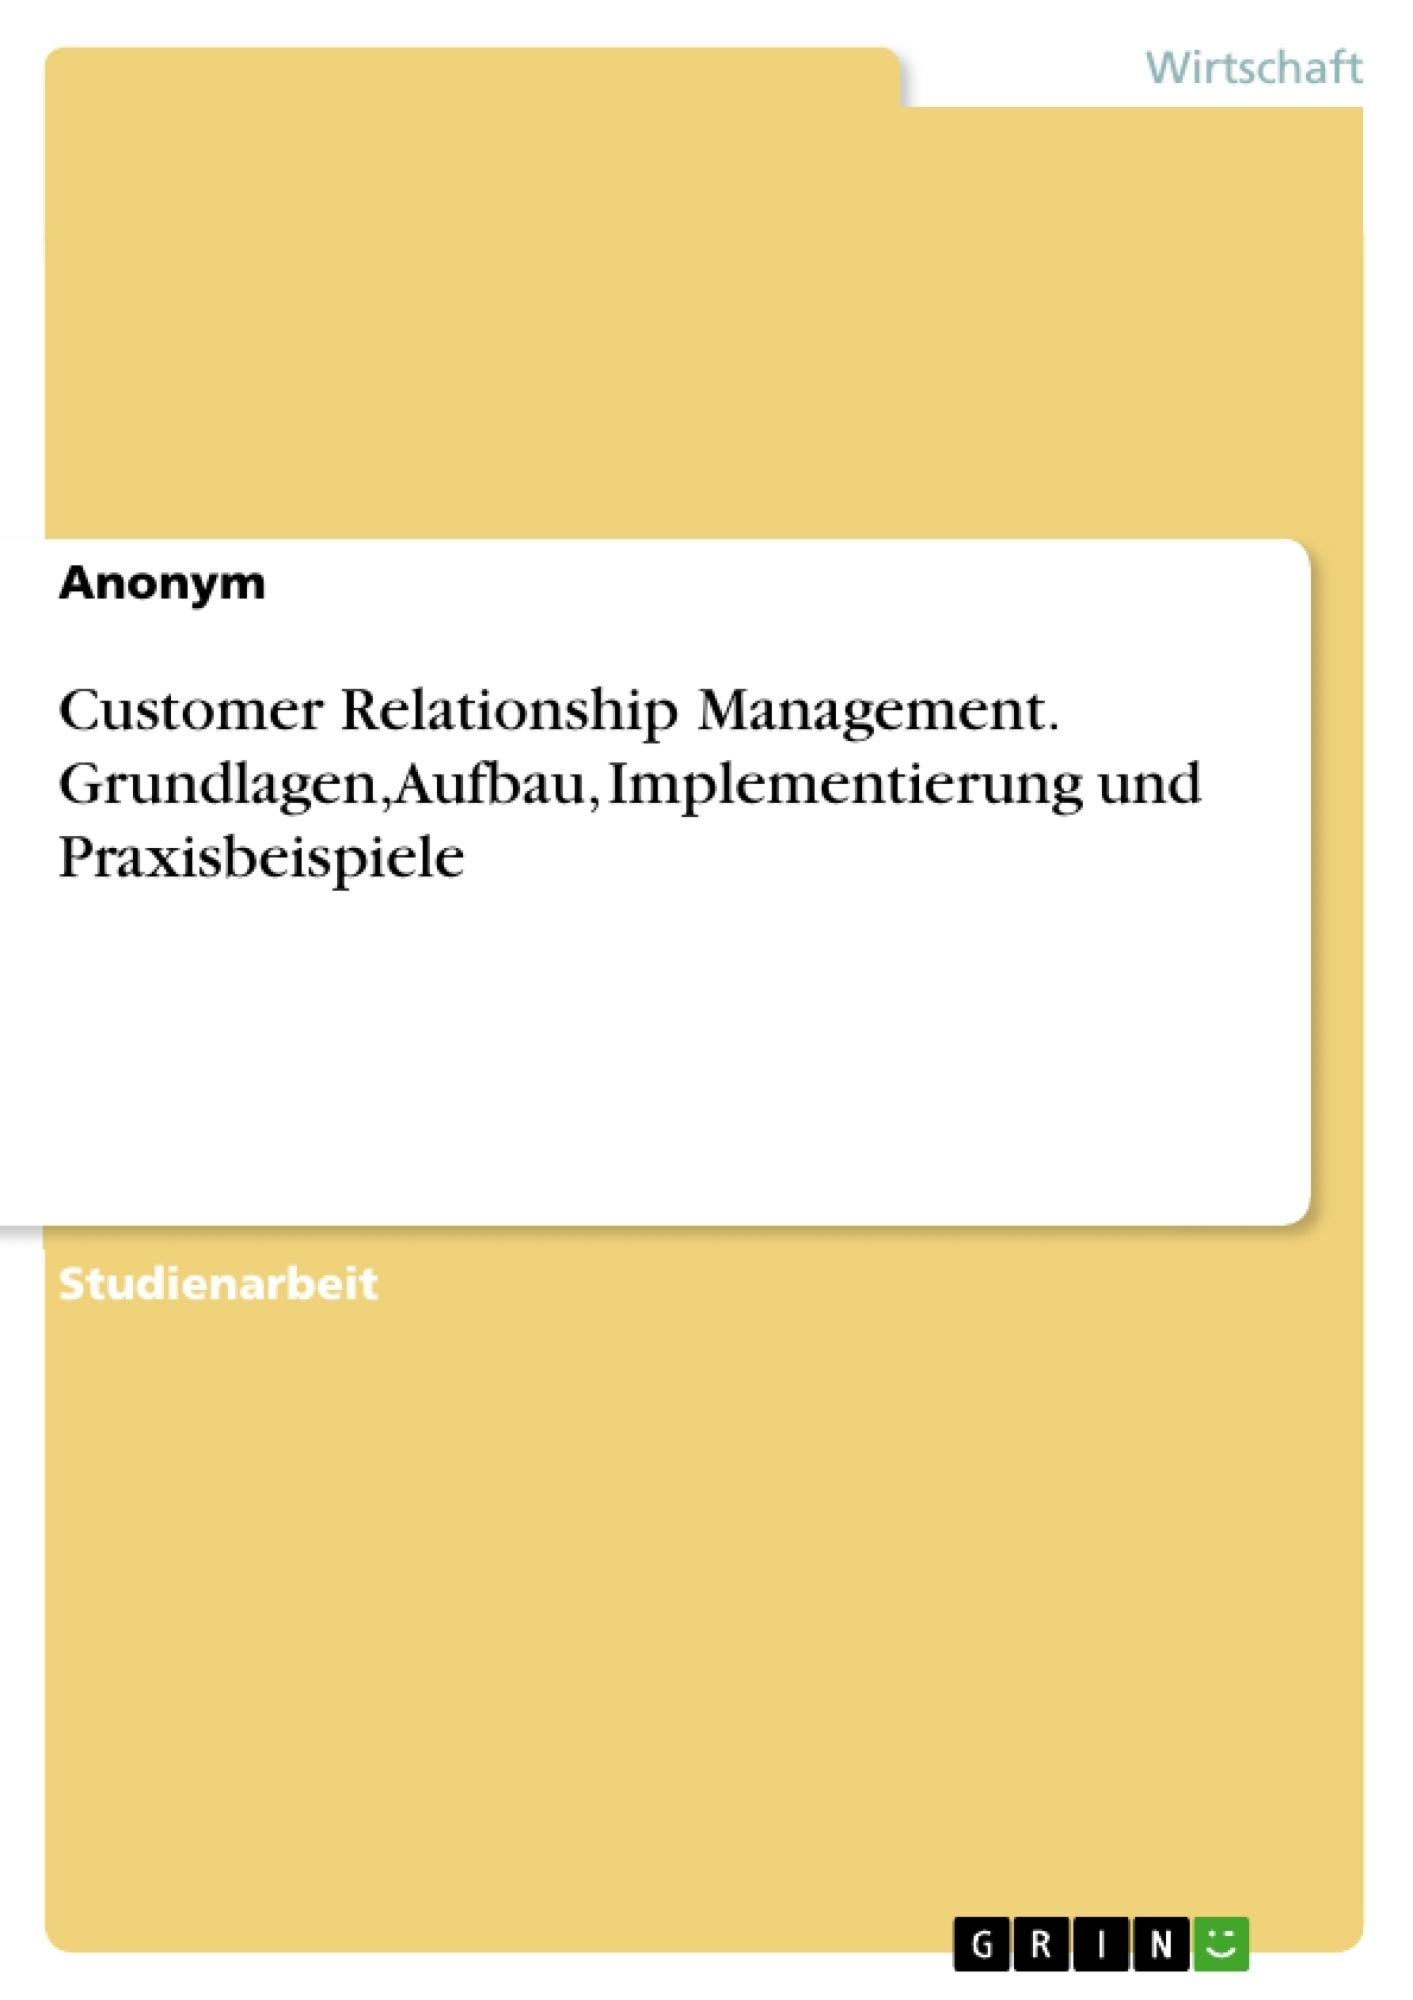 Titel: Customer Relationship Management. Grundlagen, Aufbau, Implementierung und Praxisbeispiele